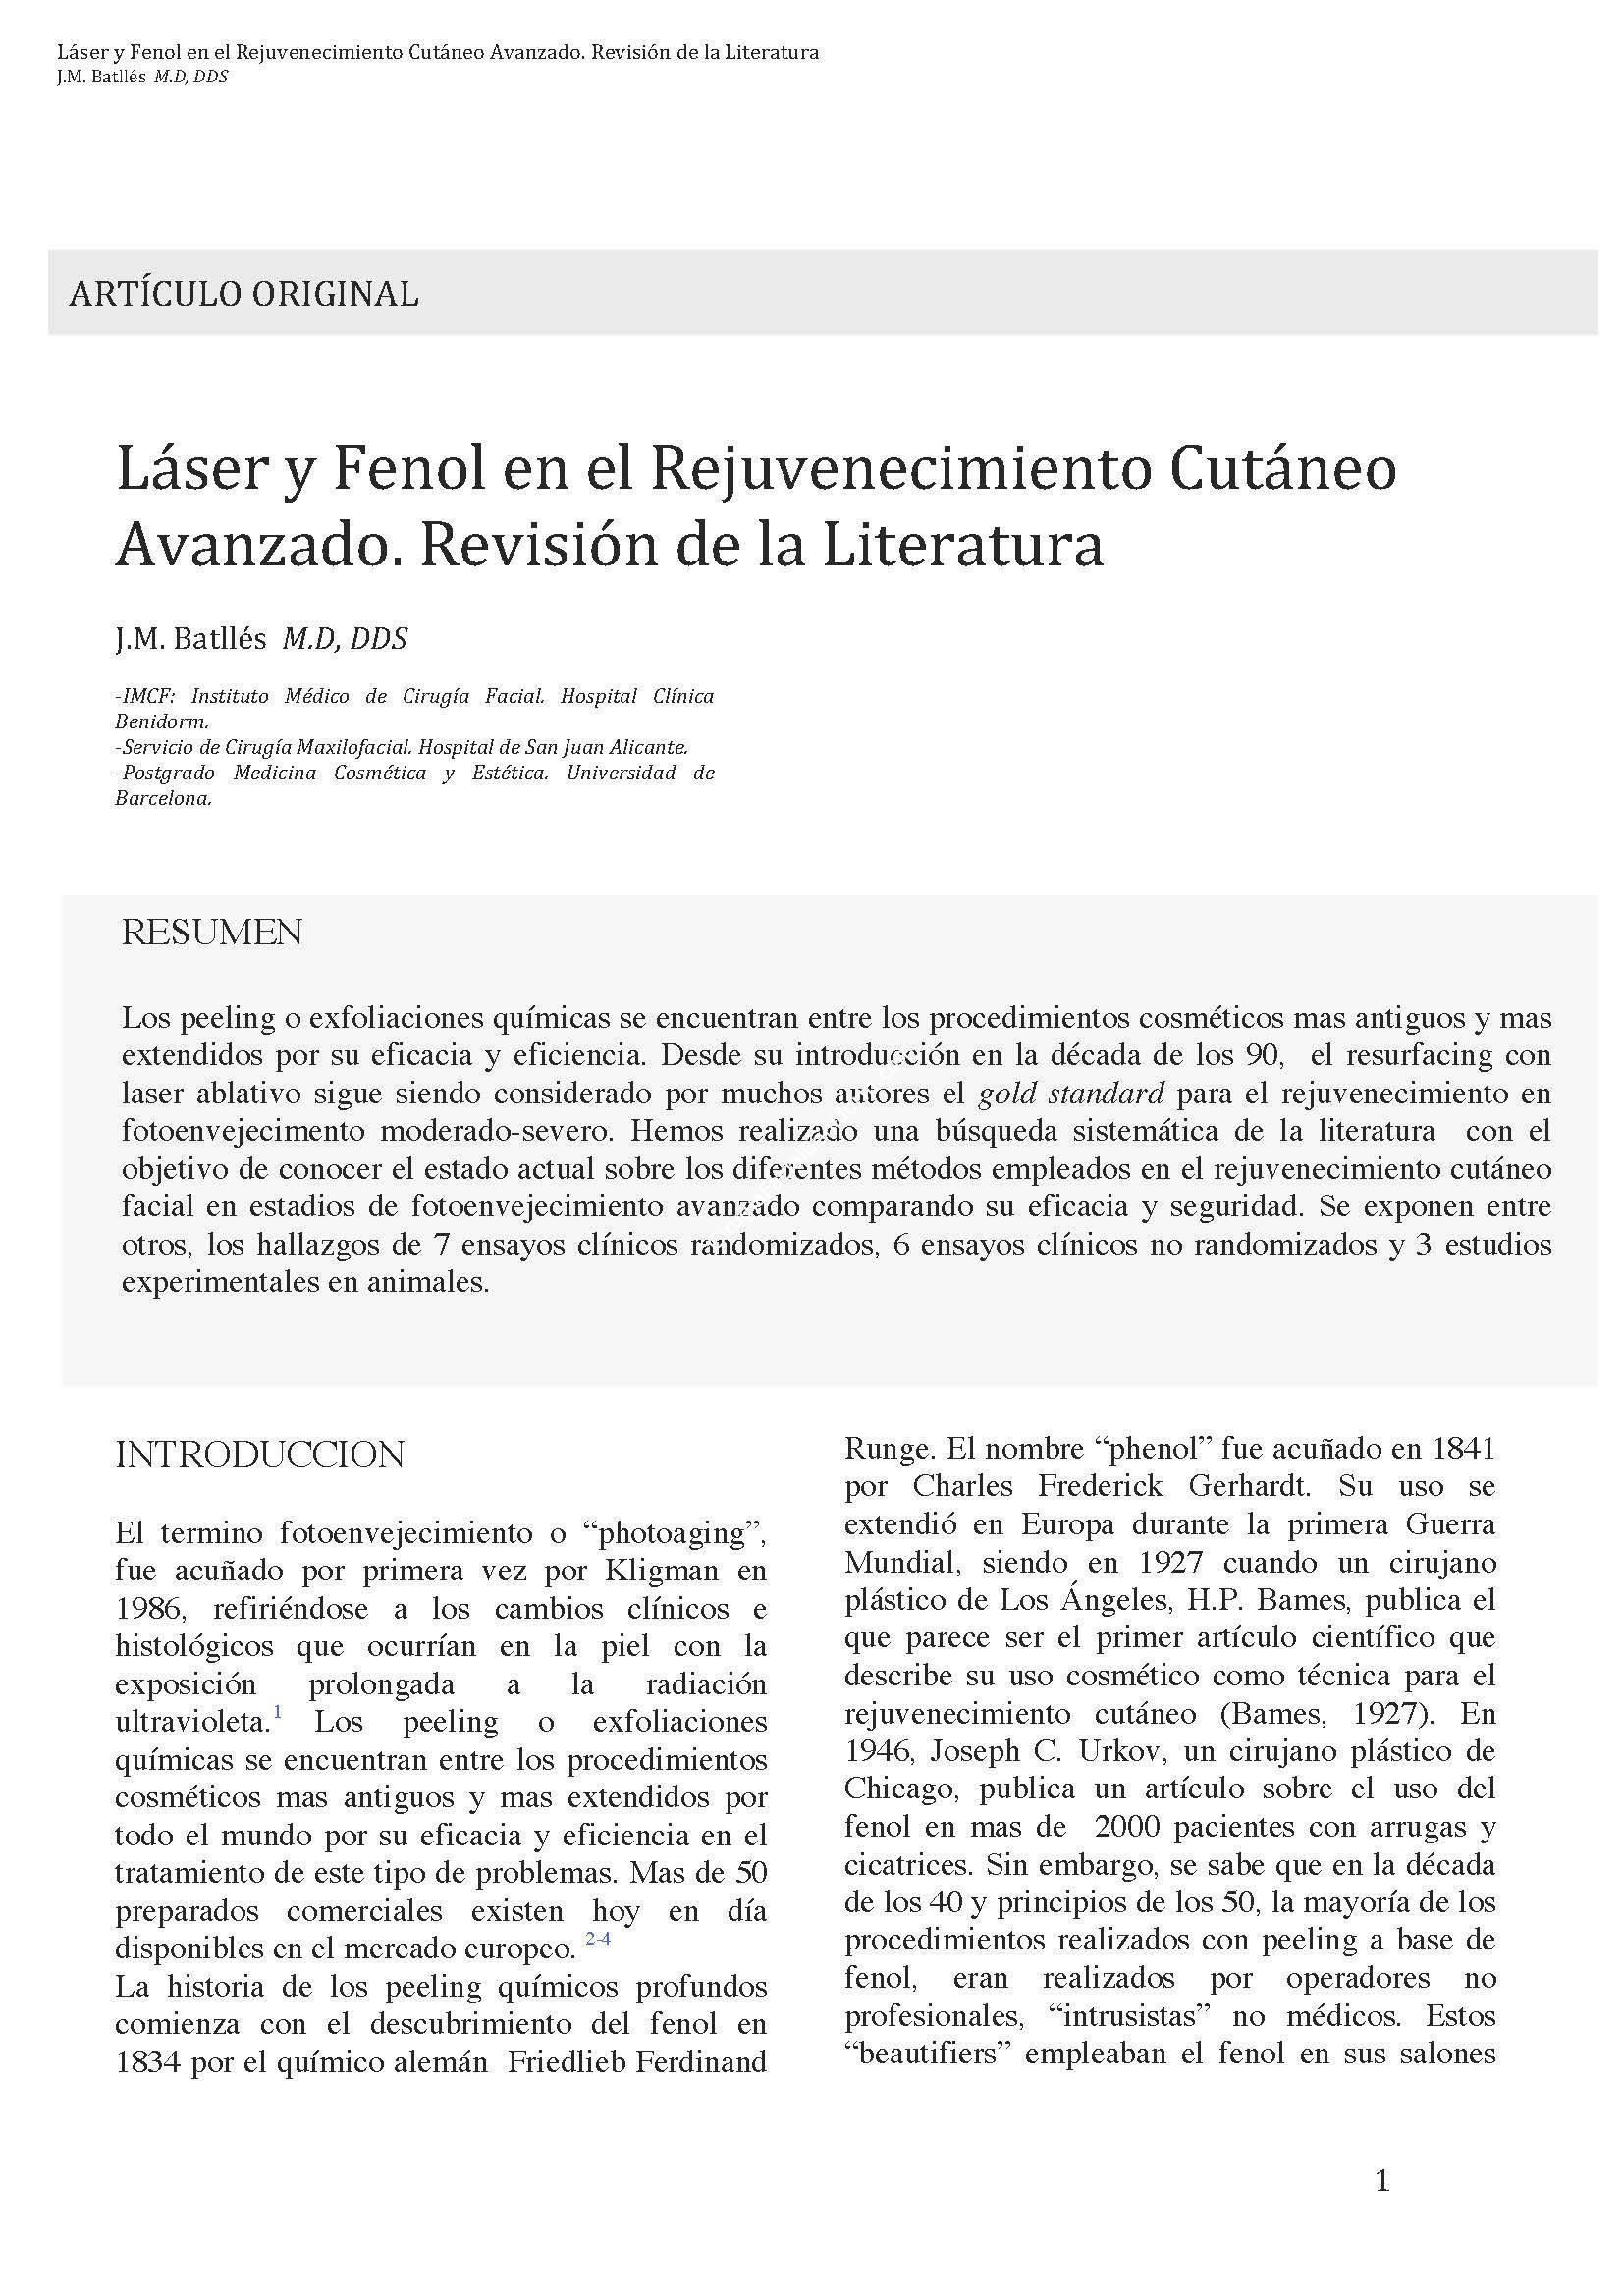 Láser y Fenol en el Rejuvenecimiento Cutáneo Avanzado. Revisión de la Literatura